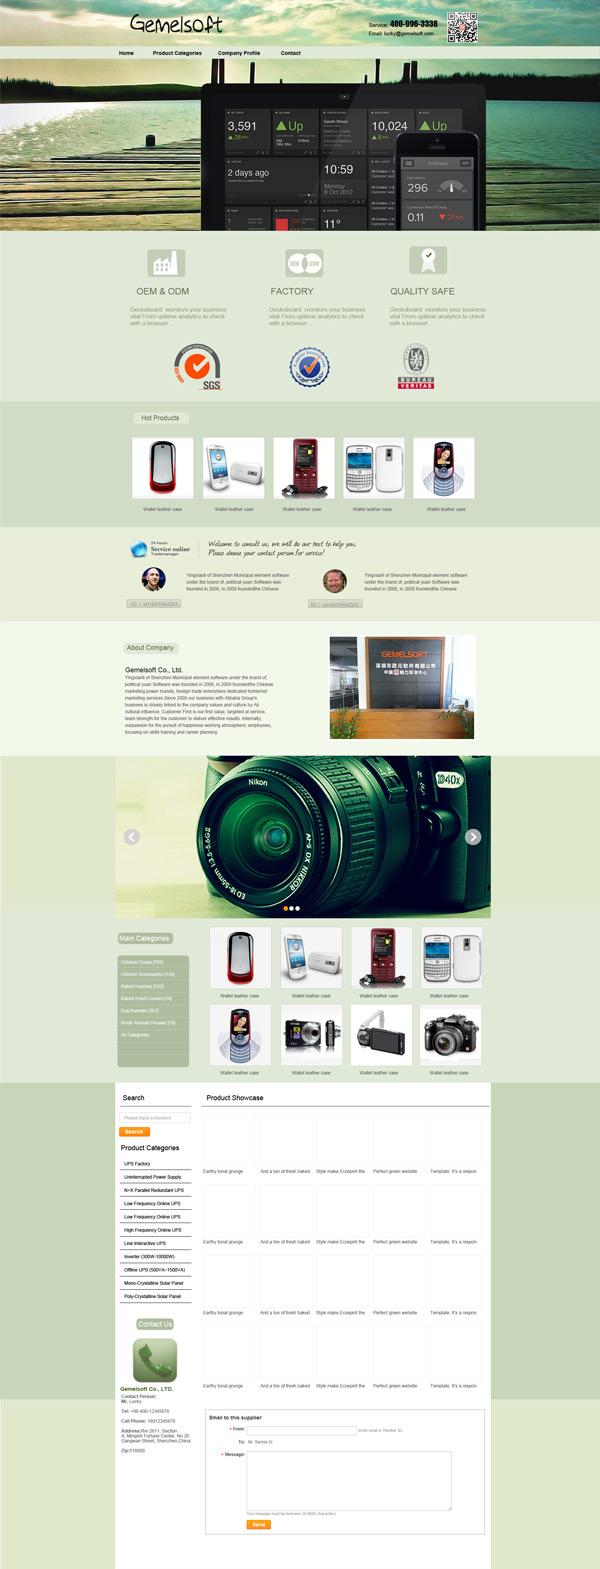 数码产品促销,国外数码网站模板,海洋背景图片,复古风格网站首页,网站图片